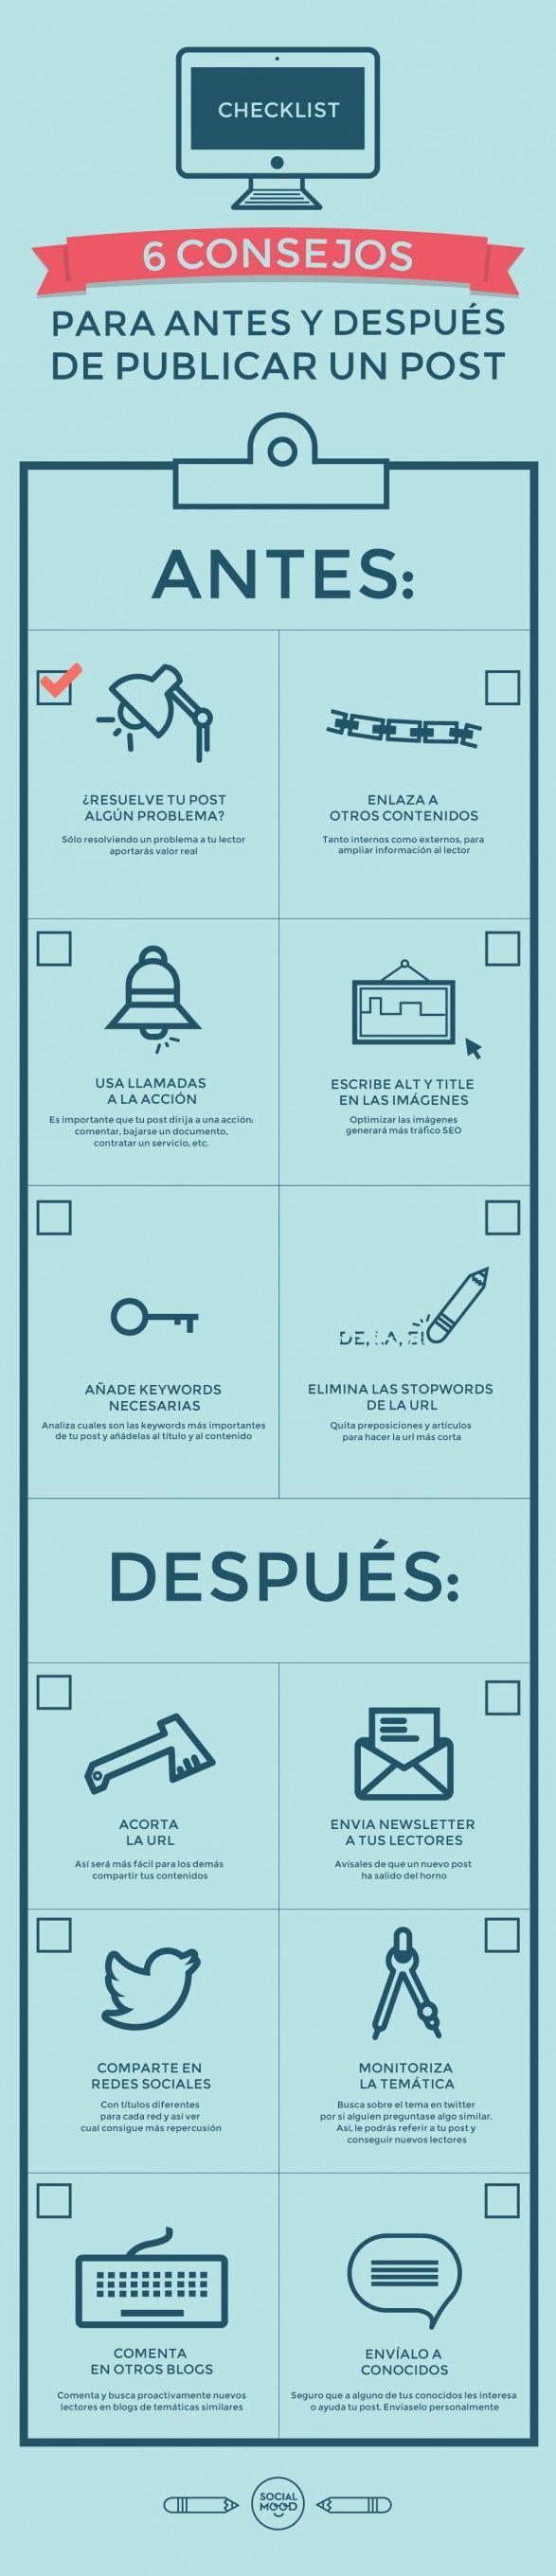 6 consejos para antes y después de un post #infografia